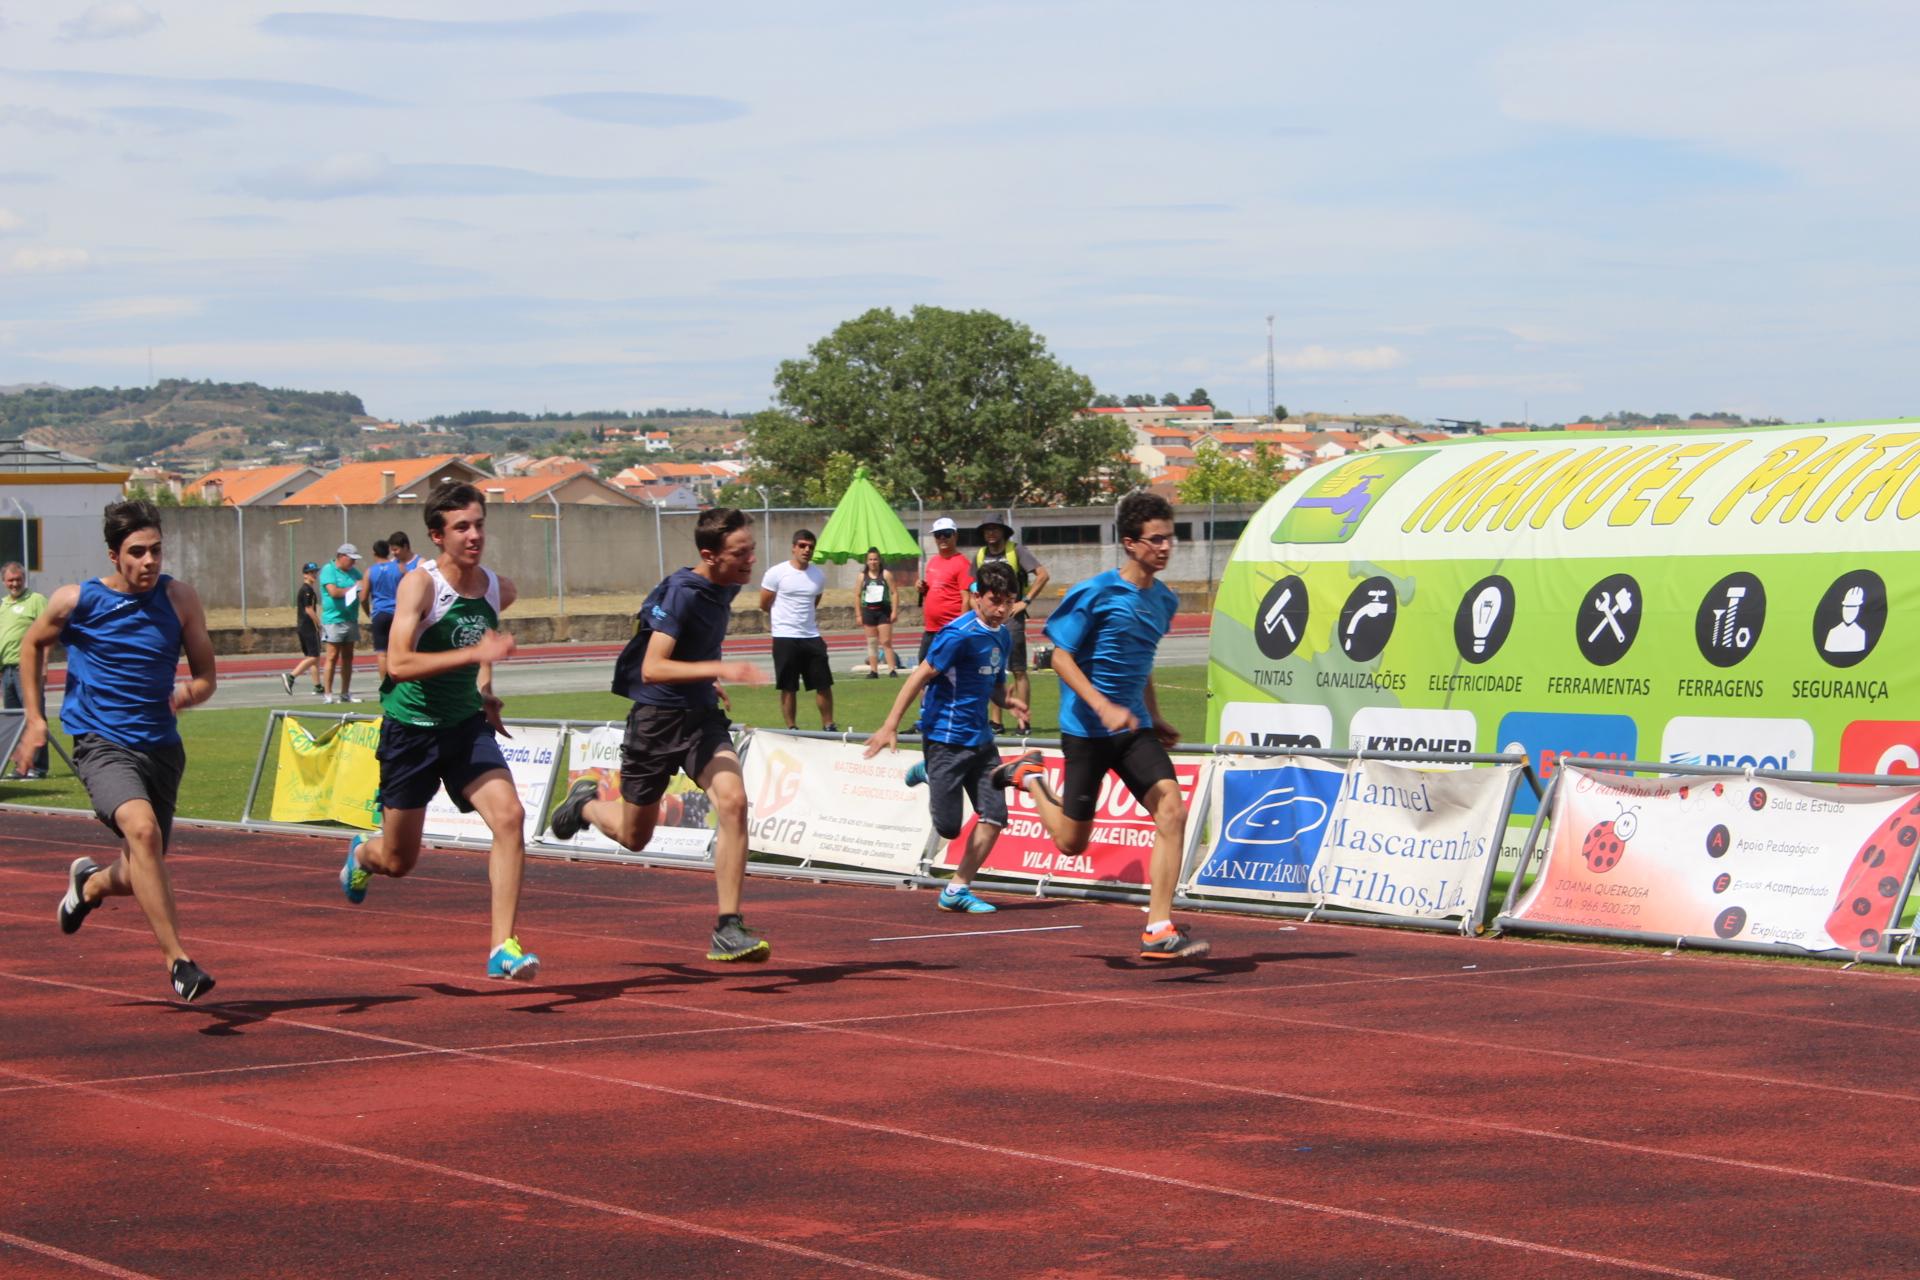 Macedo de Cavaleiros recebeu o II Campeonato de Trás-os-Montes e Alto Douro em Pista